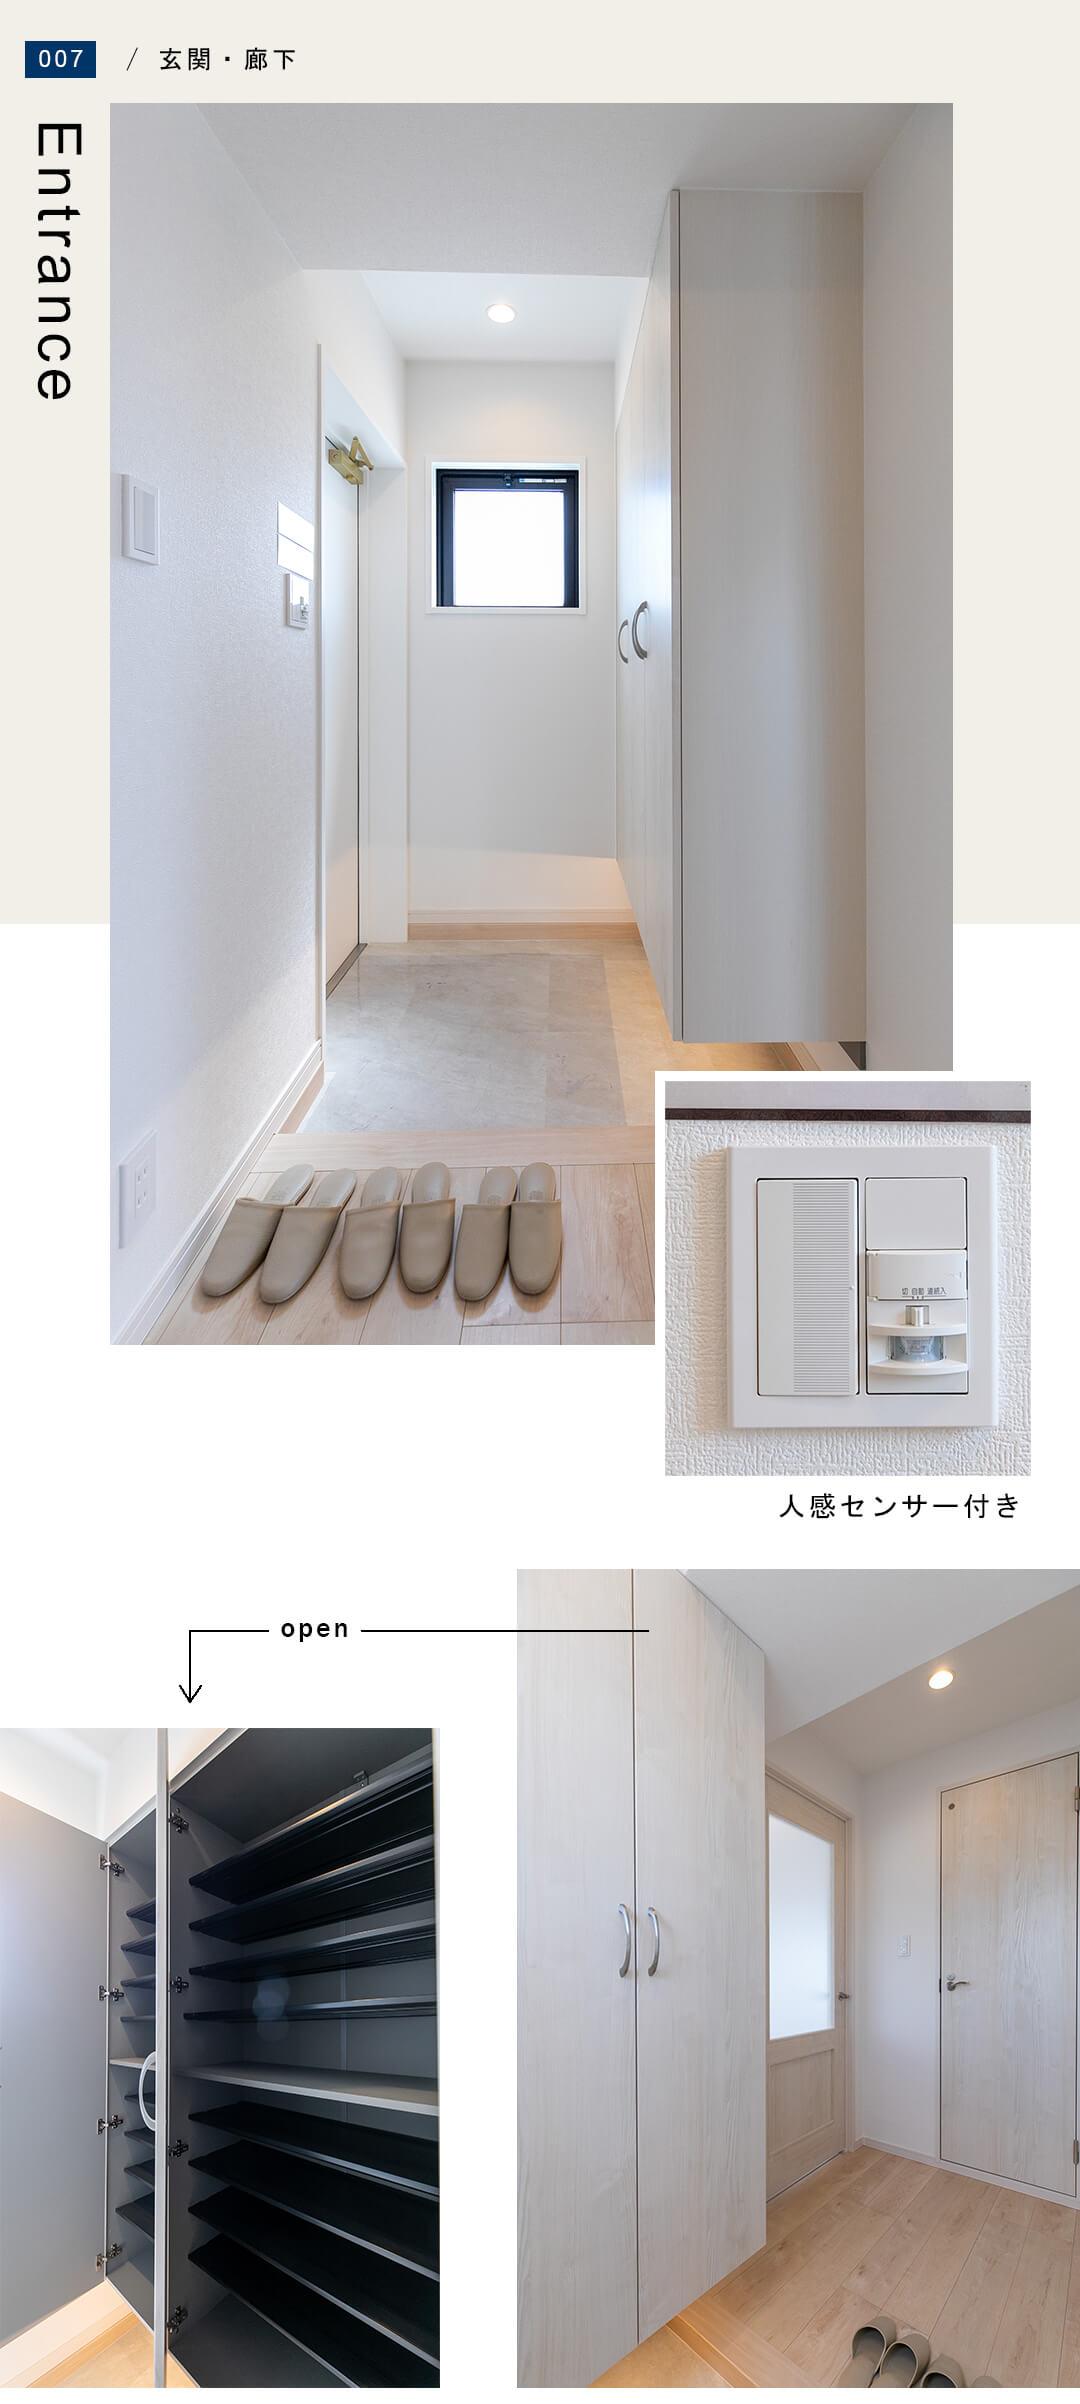 マイキャッスル蒲田Ⅲの玄関・廊下